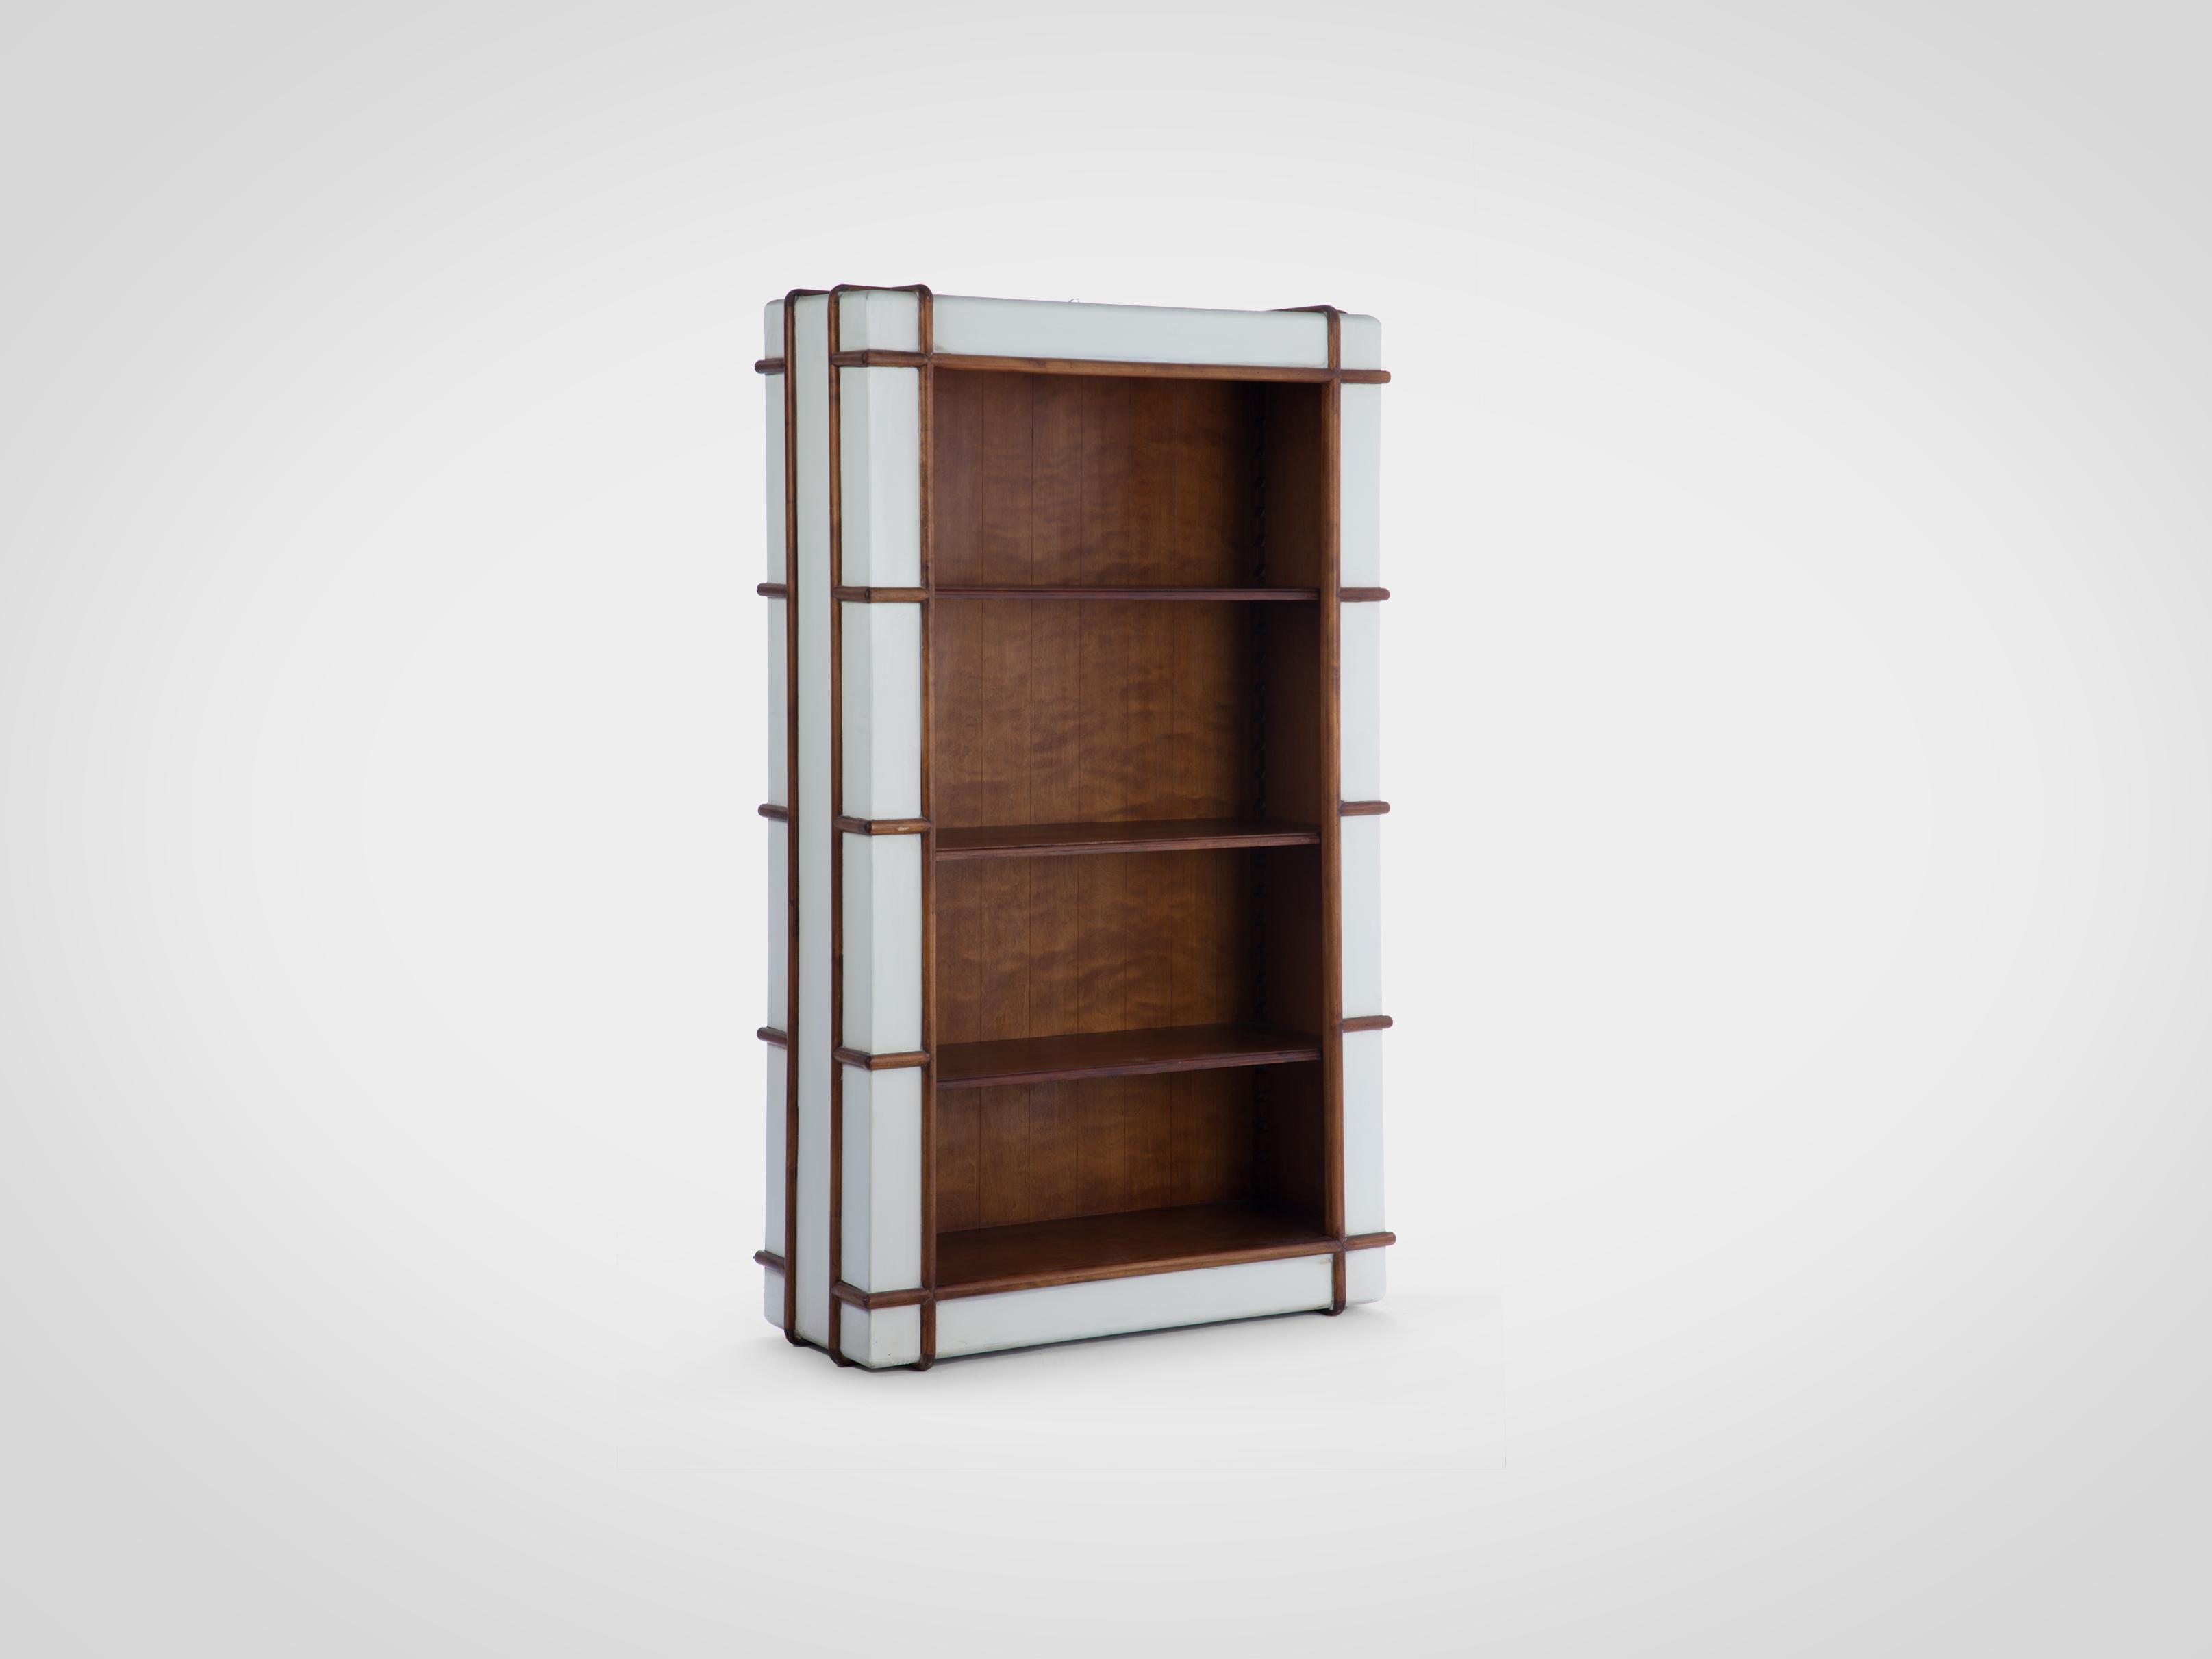 Купить Книжный шкаф из массива березы, inmyroom, Нидерланды